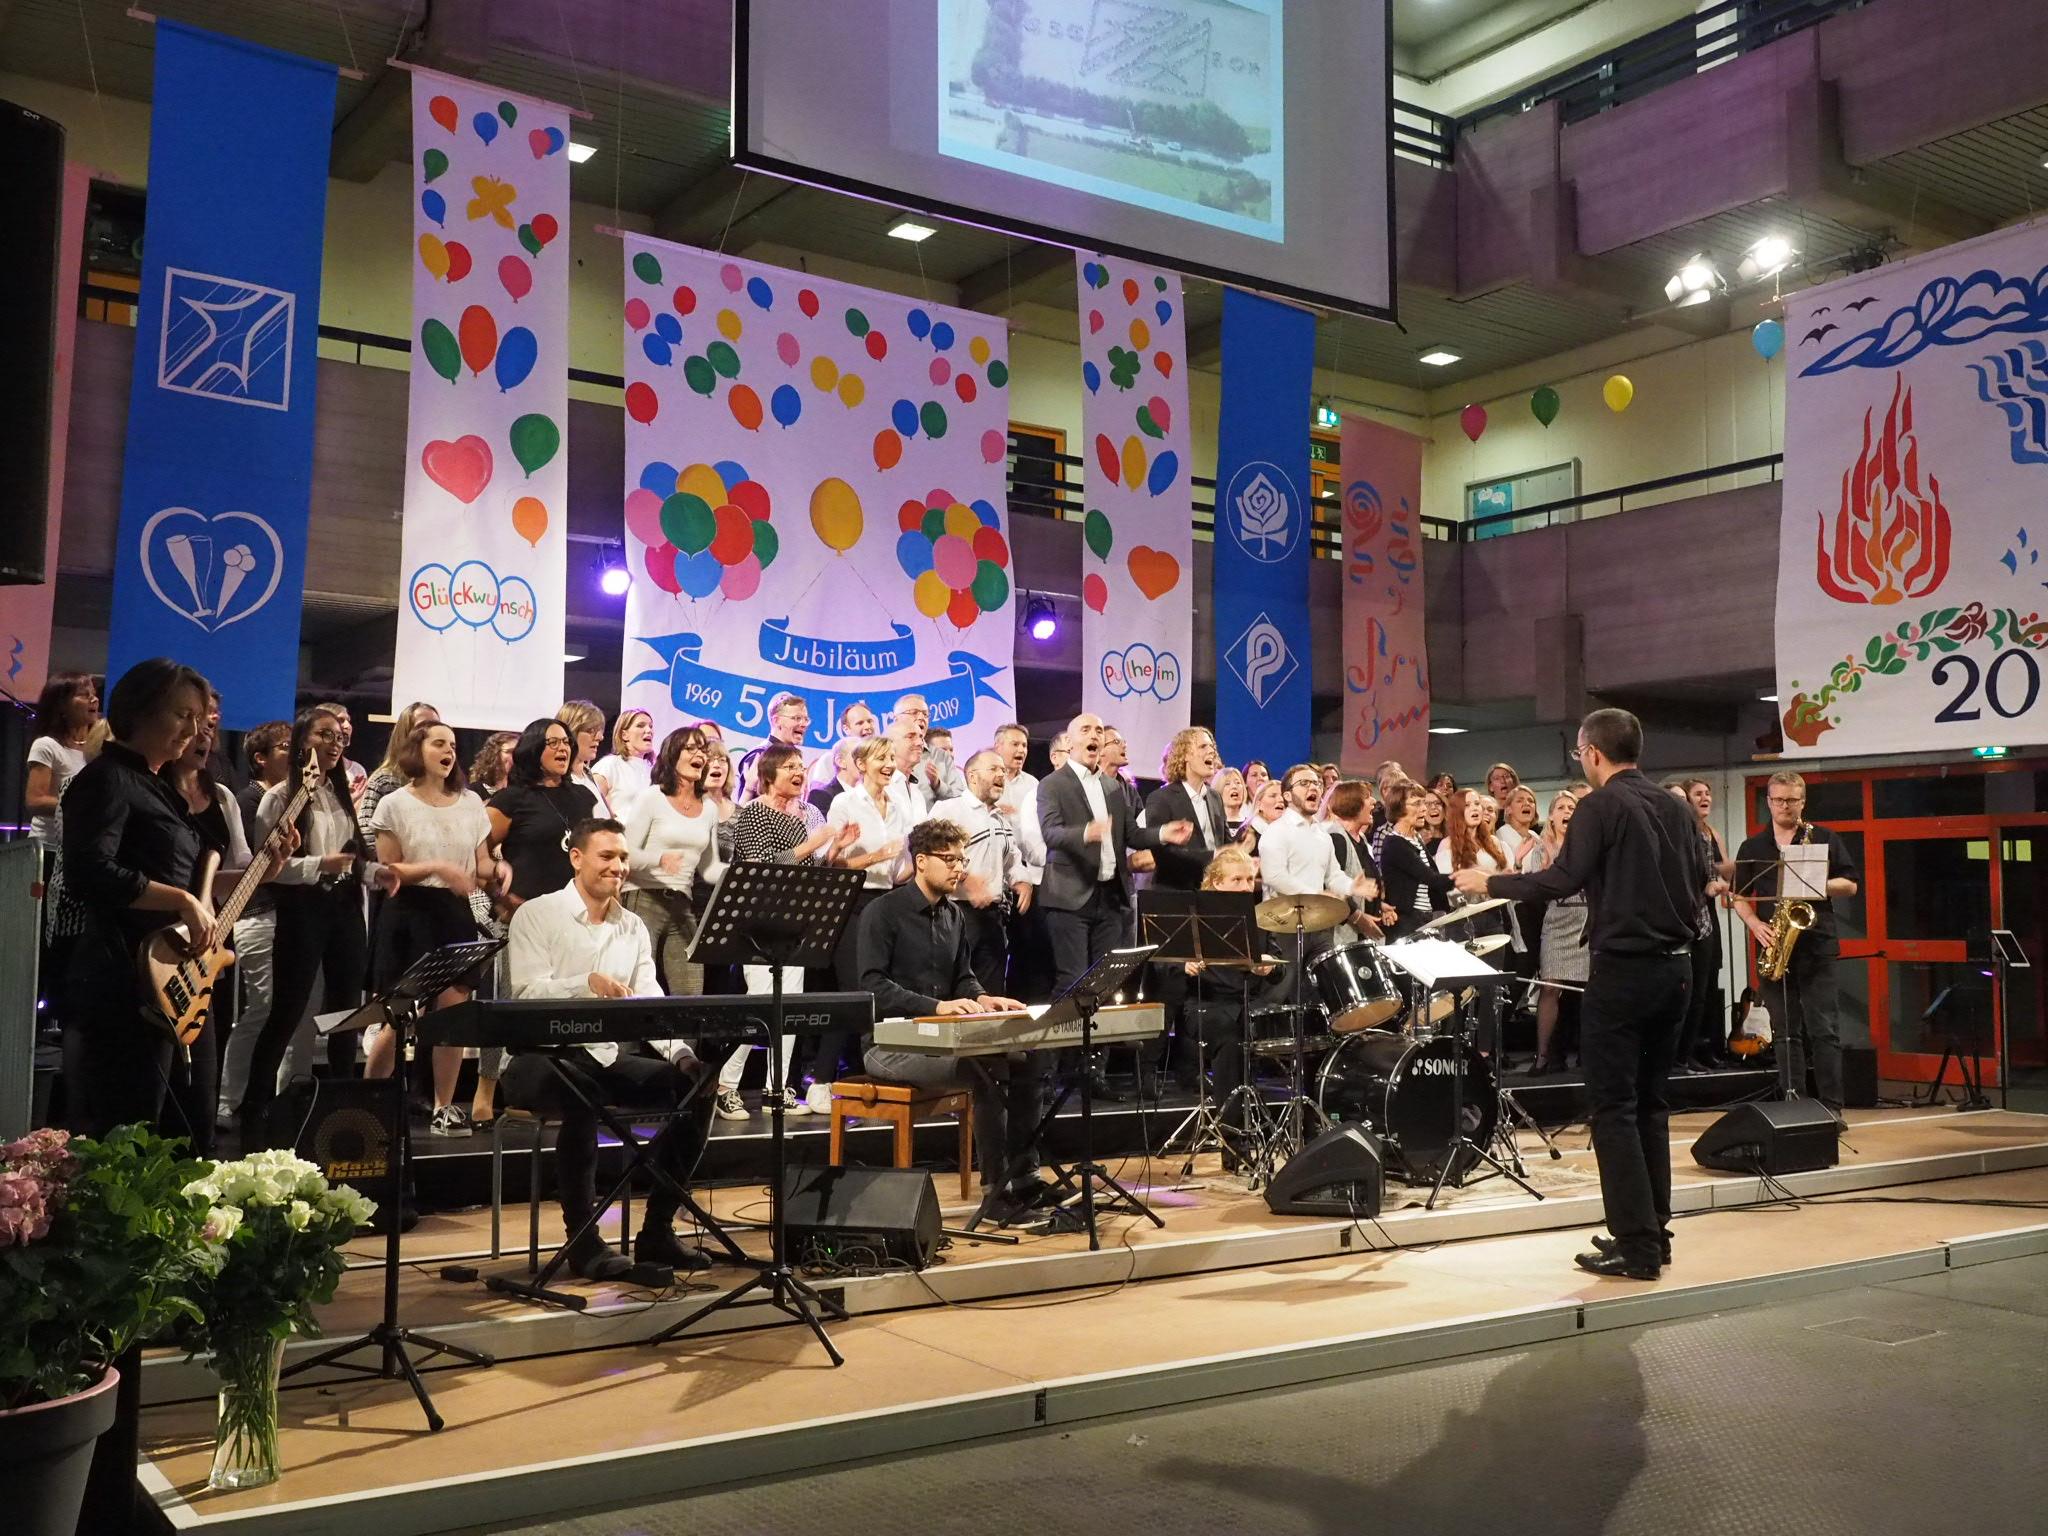 Schuljubiläum 50 Jahre GSG 2019 SELaVie - Schüler*innen, Eltern- und Lehrer-Chor der GSG Pulheim